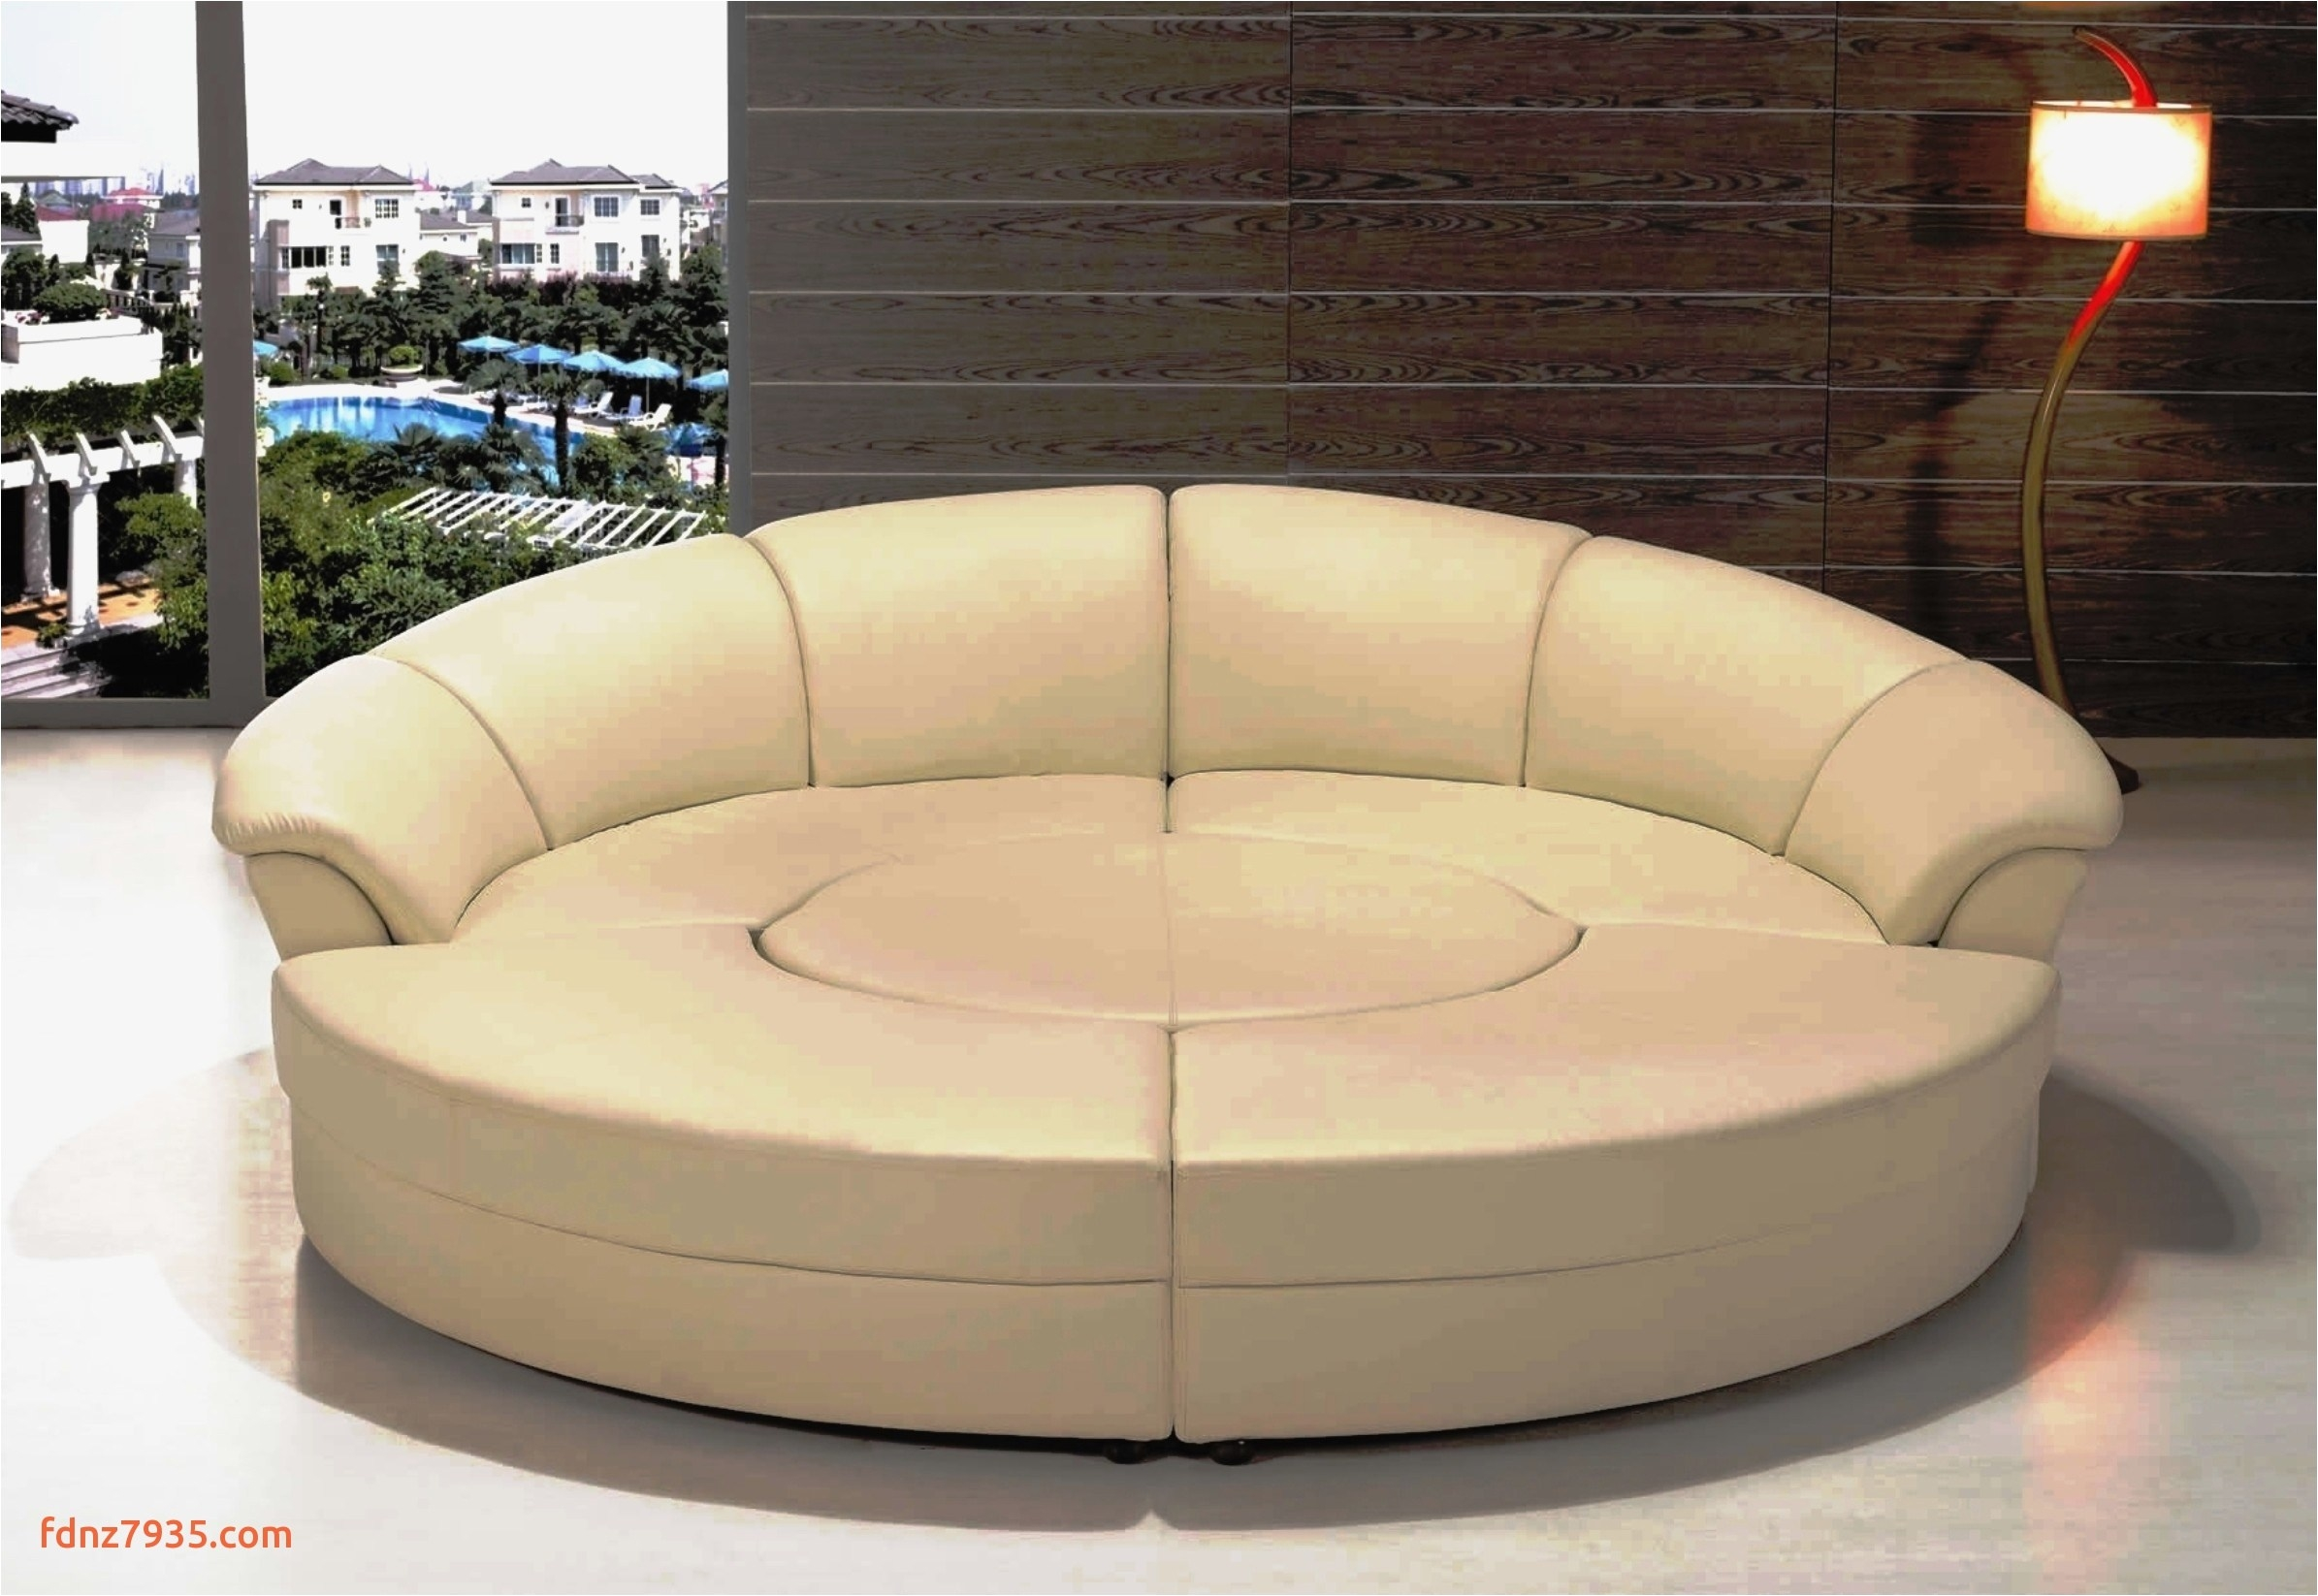 havertys sofas premium furniture havertys furniture havertys furniture 0d furnitures havertys sofas premium furniture